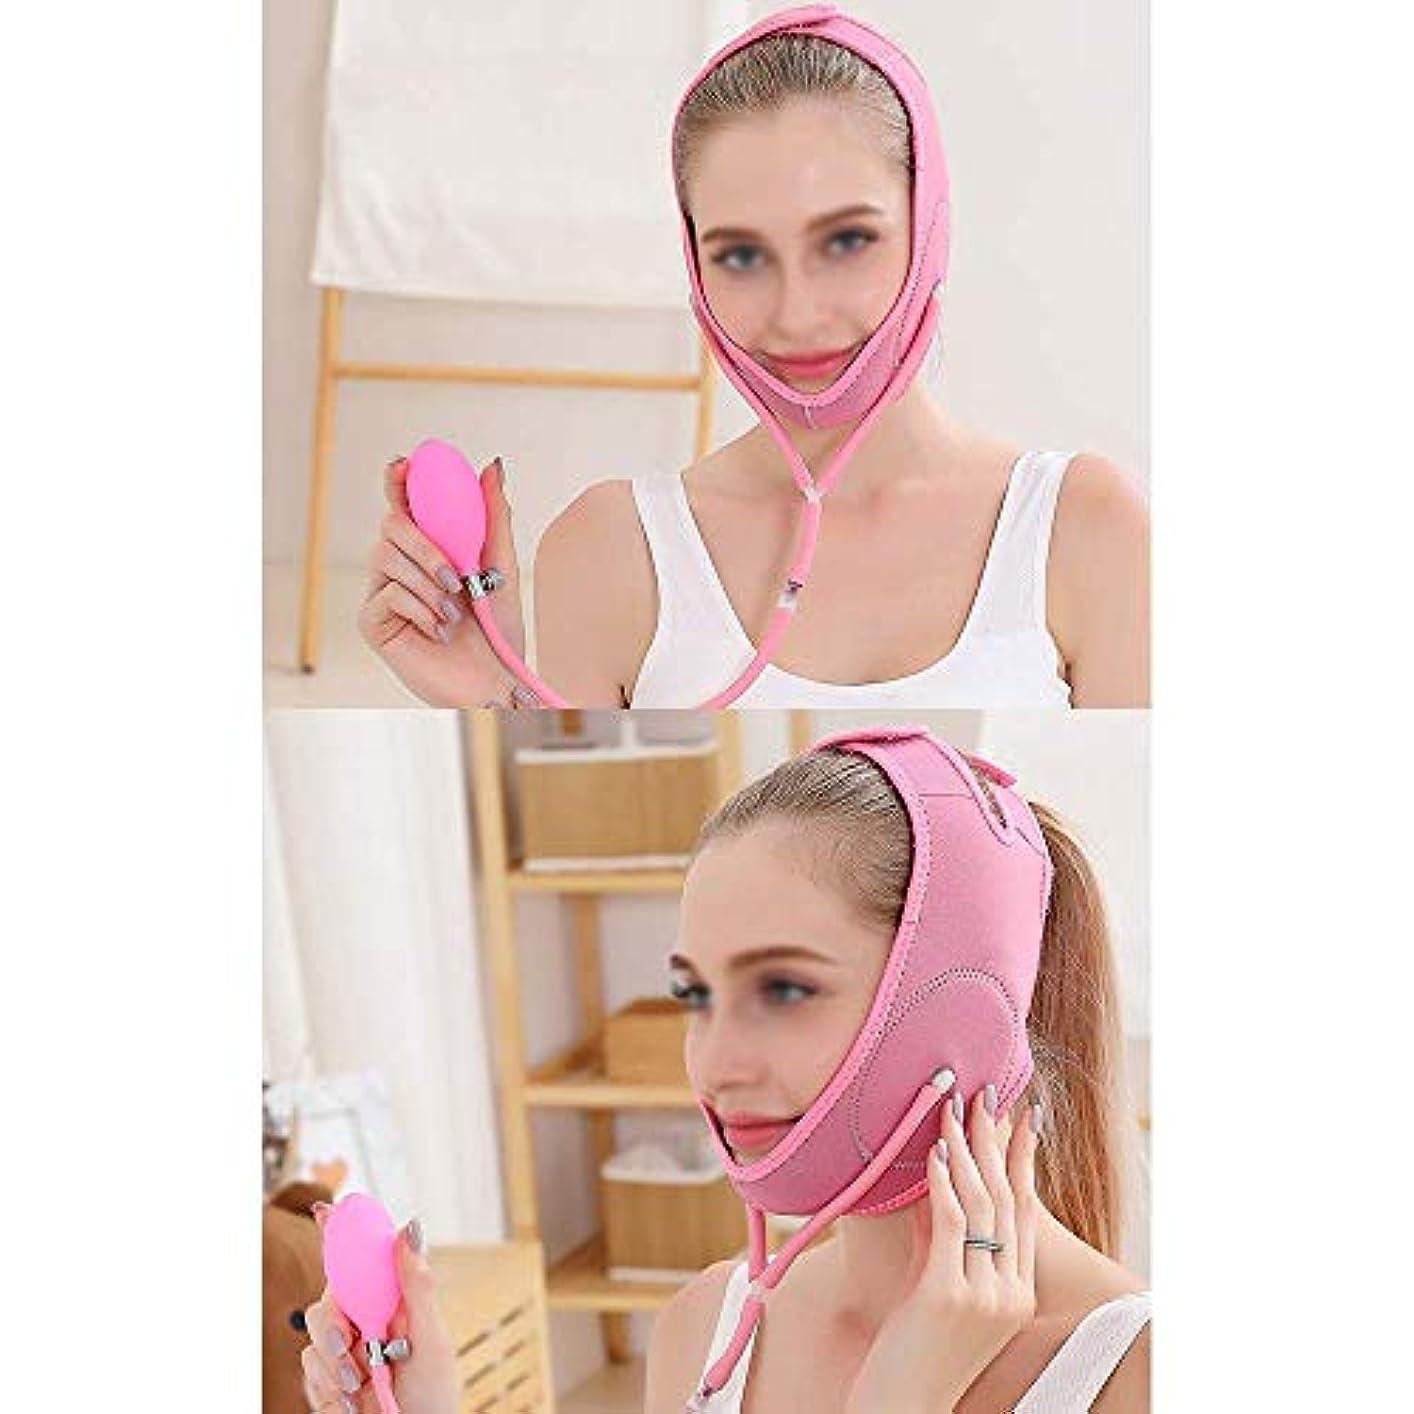 幸運な補助金撤回するは二重あご、膨脹可能な顔の持ち上がる革紐、顔の持ち上がる包帯、減らされた二重あごの包帯(1つのサイズはすべてに合う)(色:ピンク)を効果的に改善する,ピンク